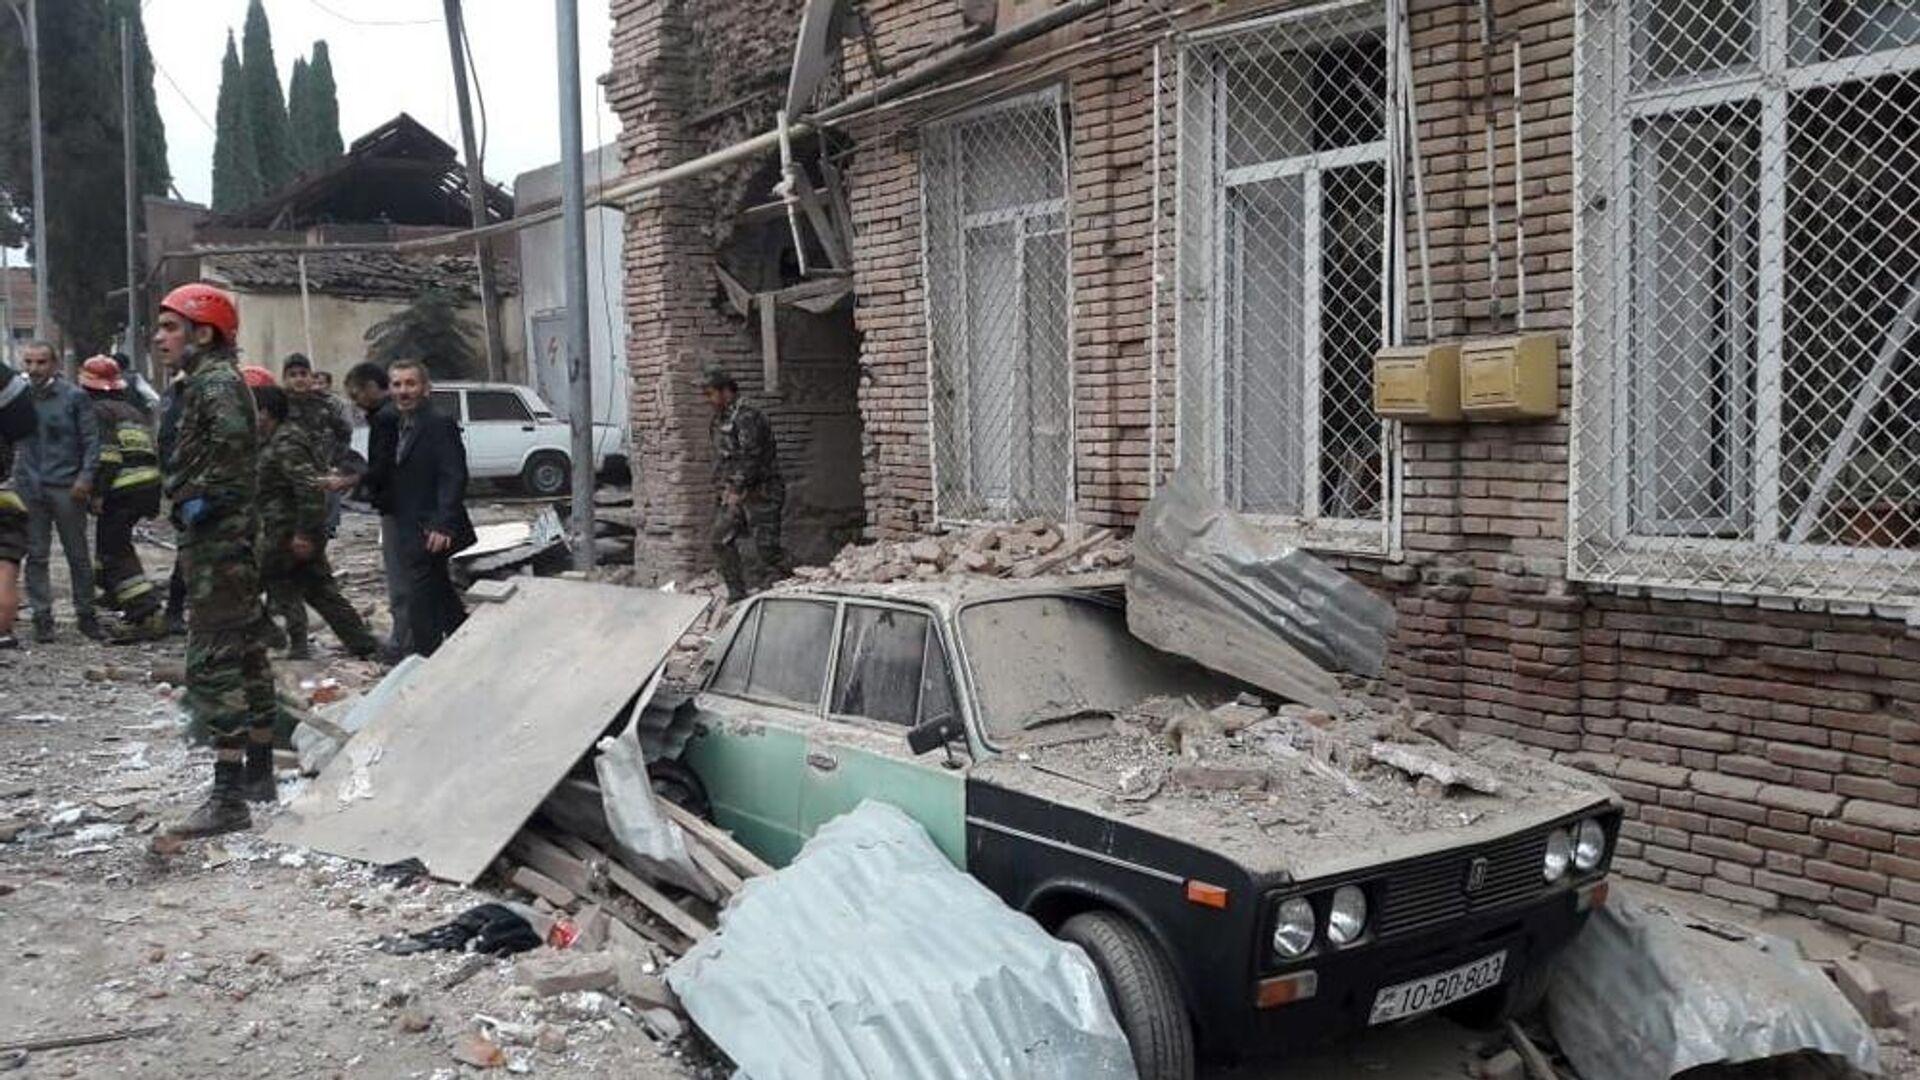 Здания, разрушенные в результате обстрела города Гянджи - РИА Новости, 1920, 04.10.2020